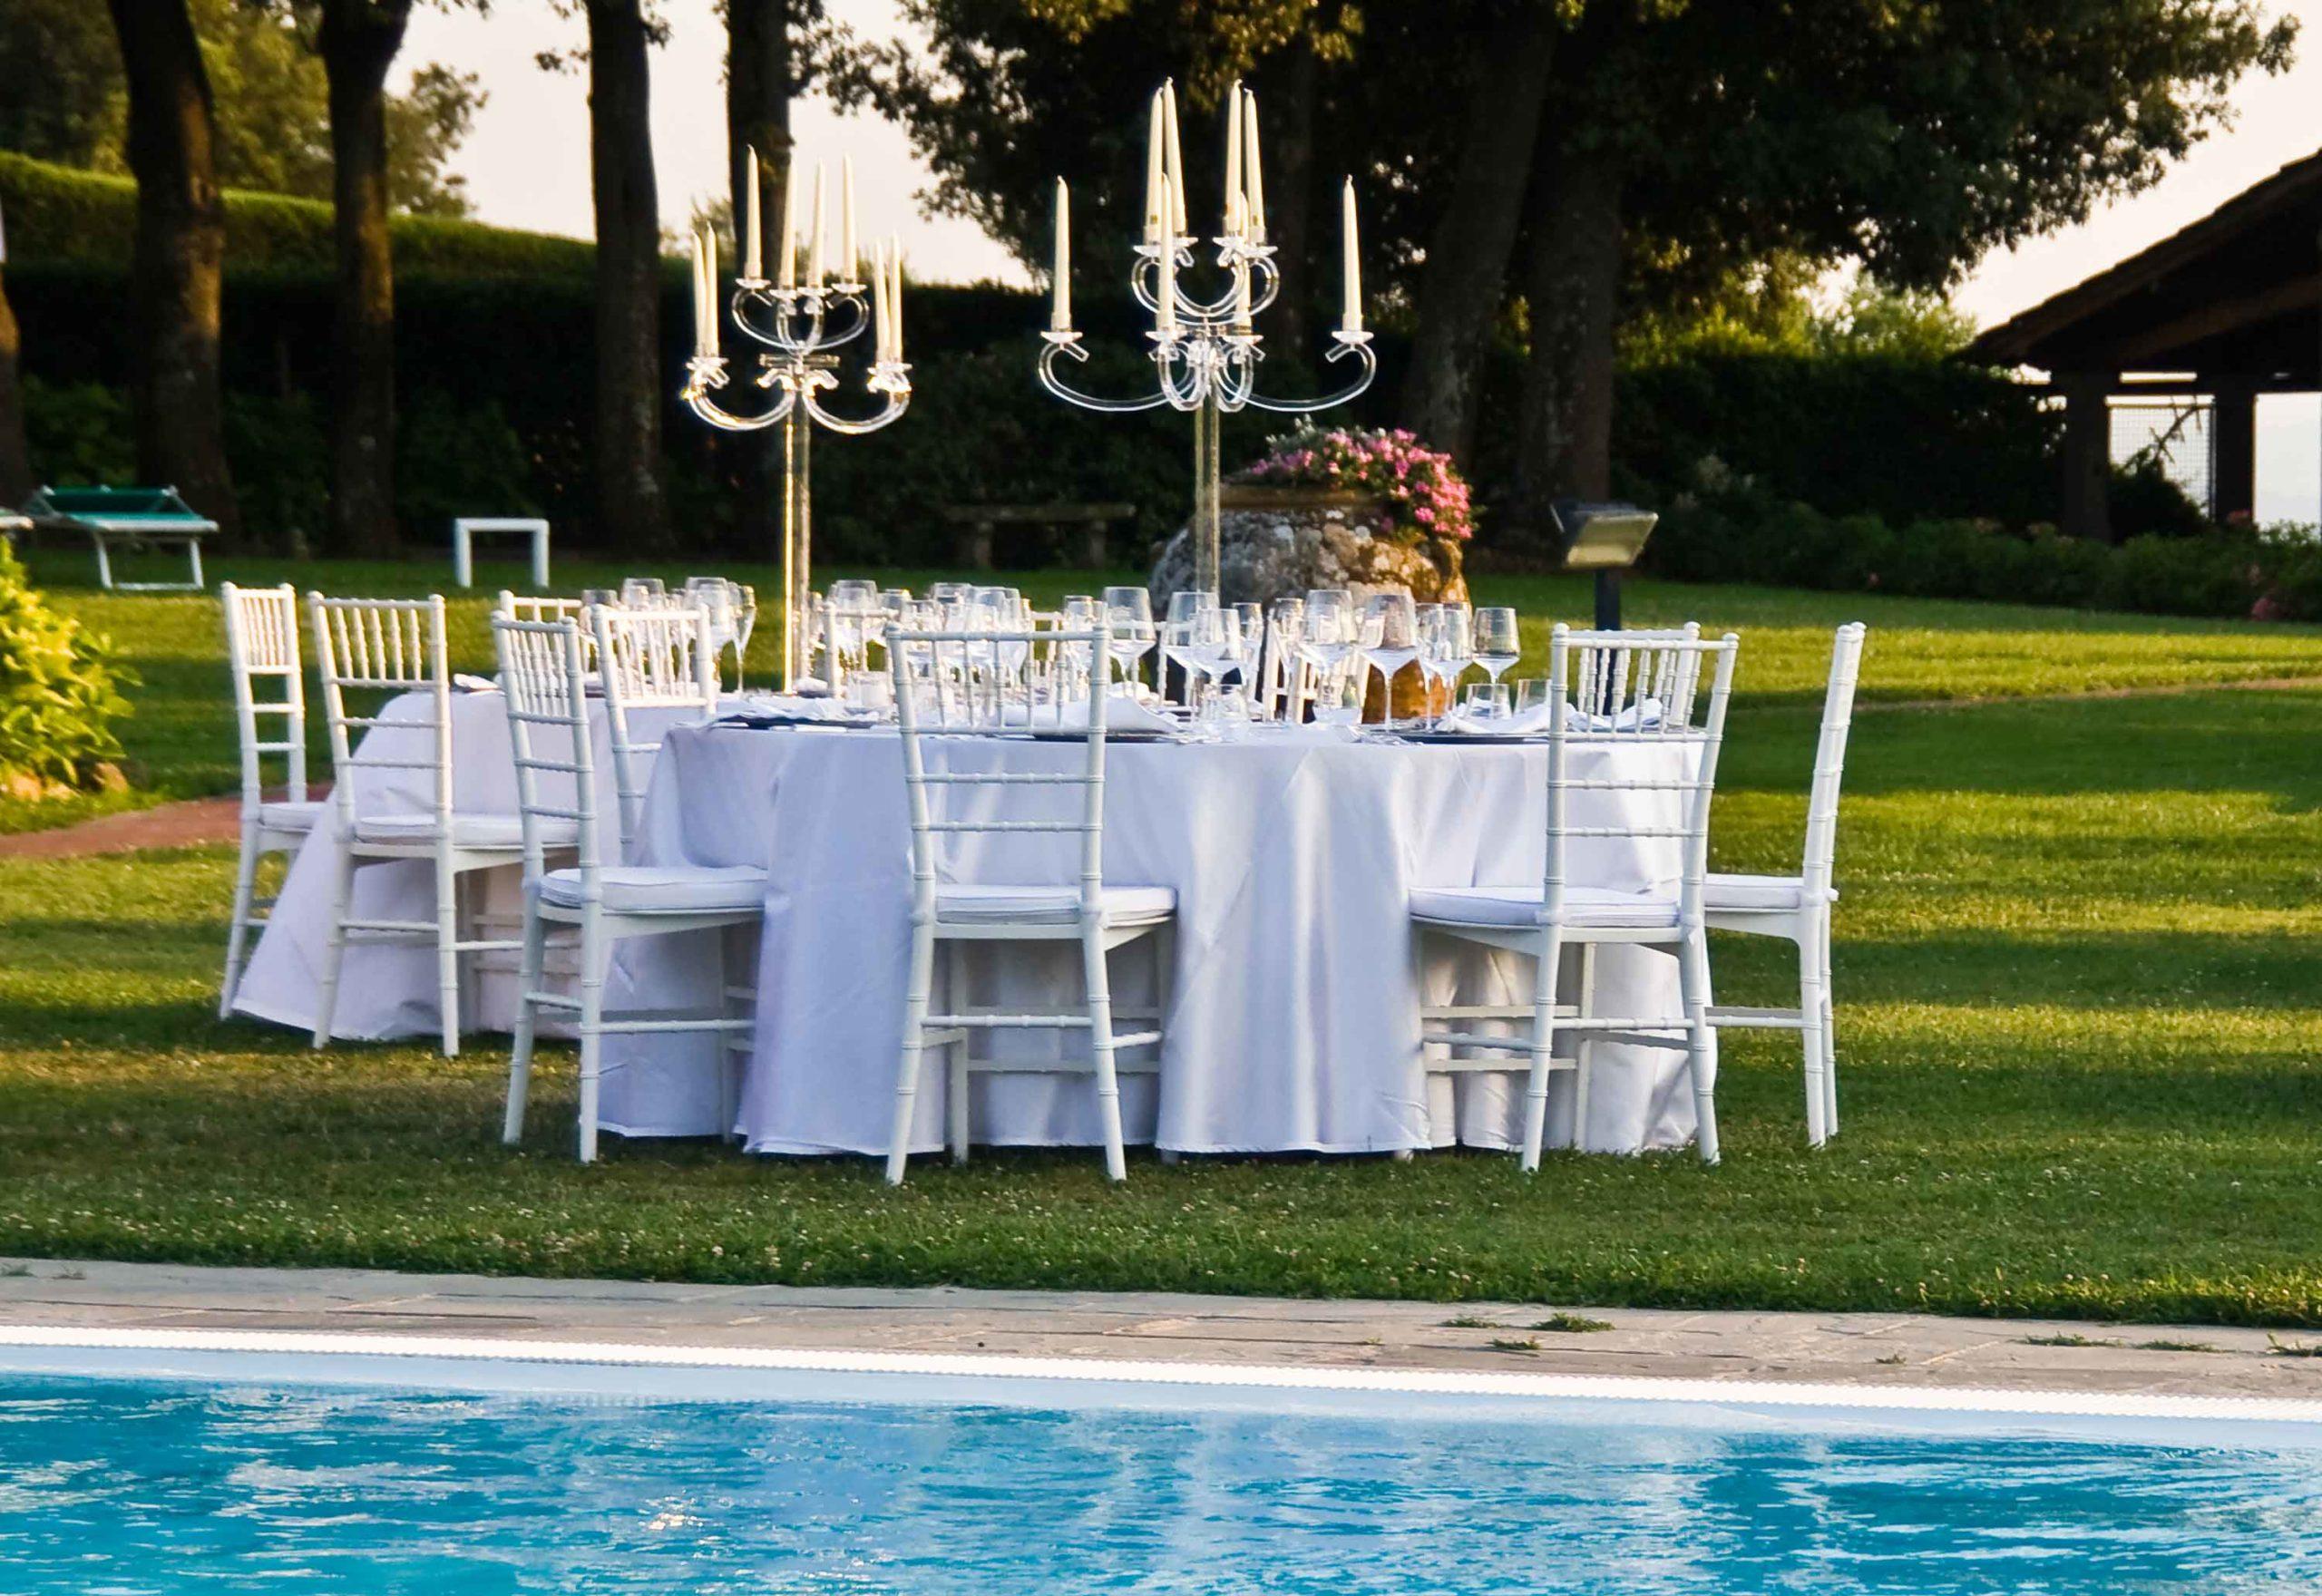 allestimenti-matrimonio-piscina-rito-civile-artimino-carmignano